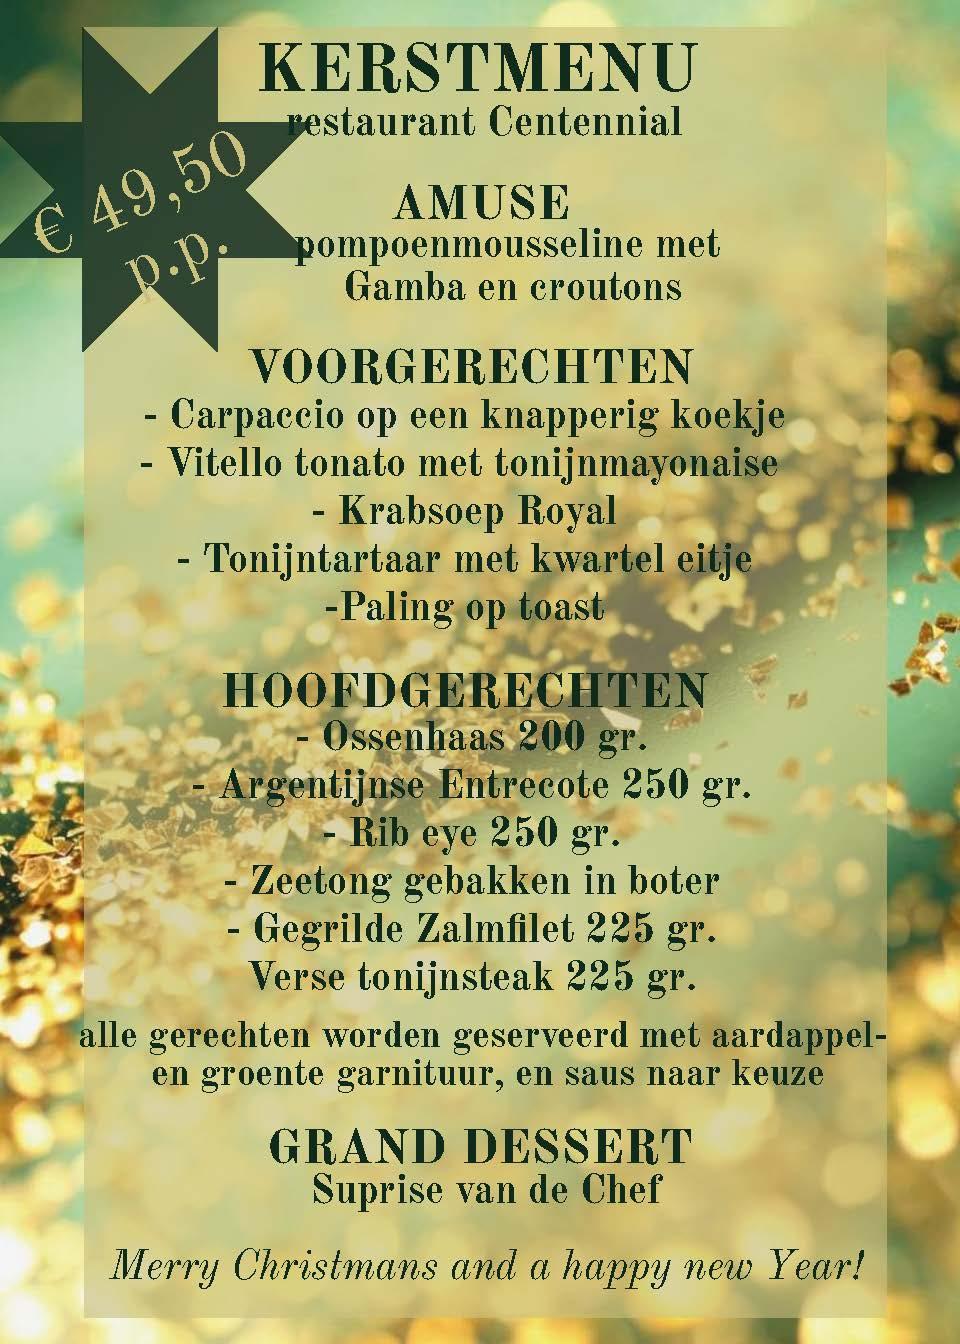 Restaurant-Centennial-kerstmenu-aalsmeer-amstelveen